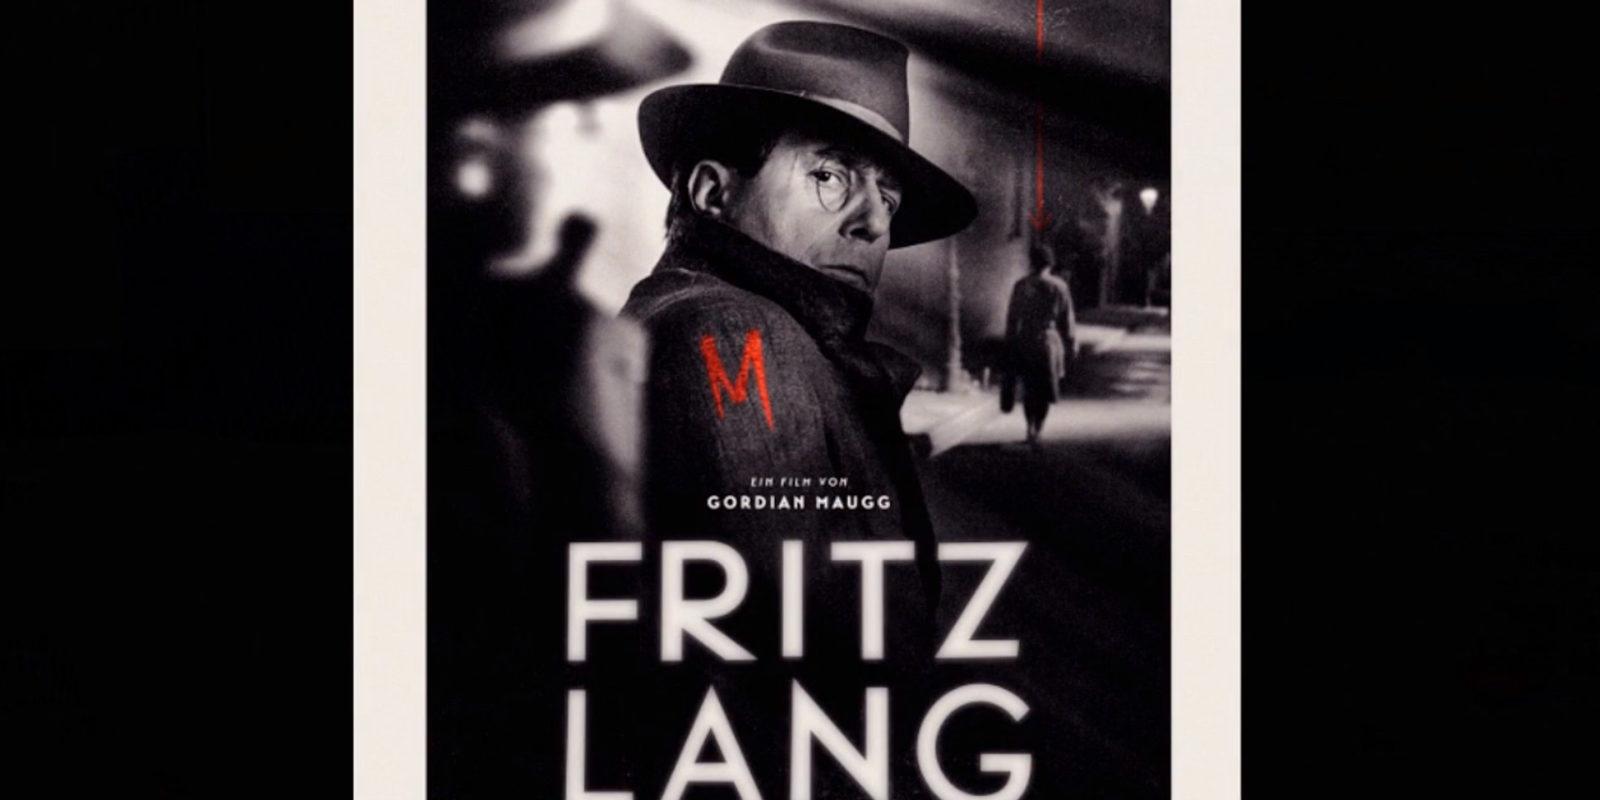 fritzlang